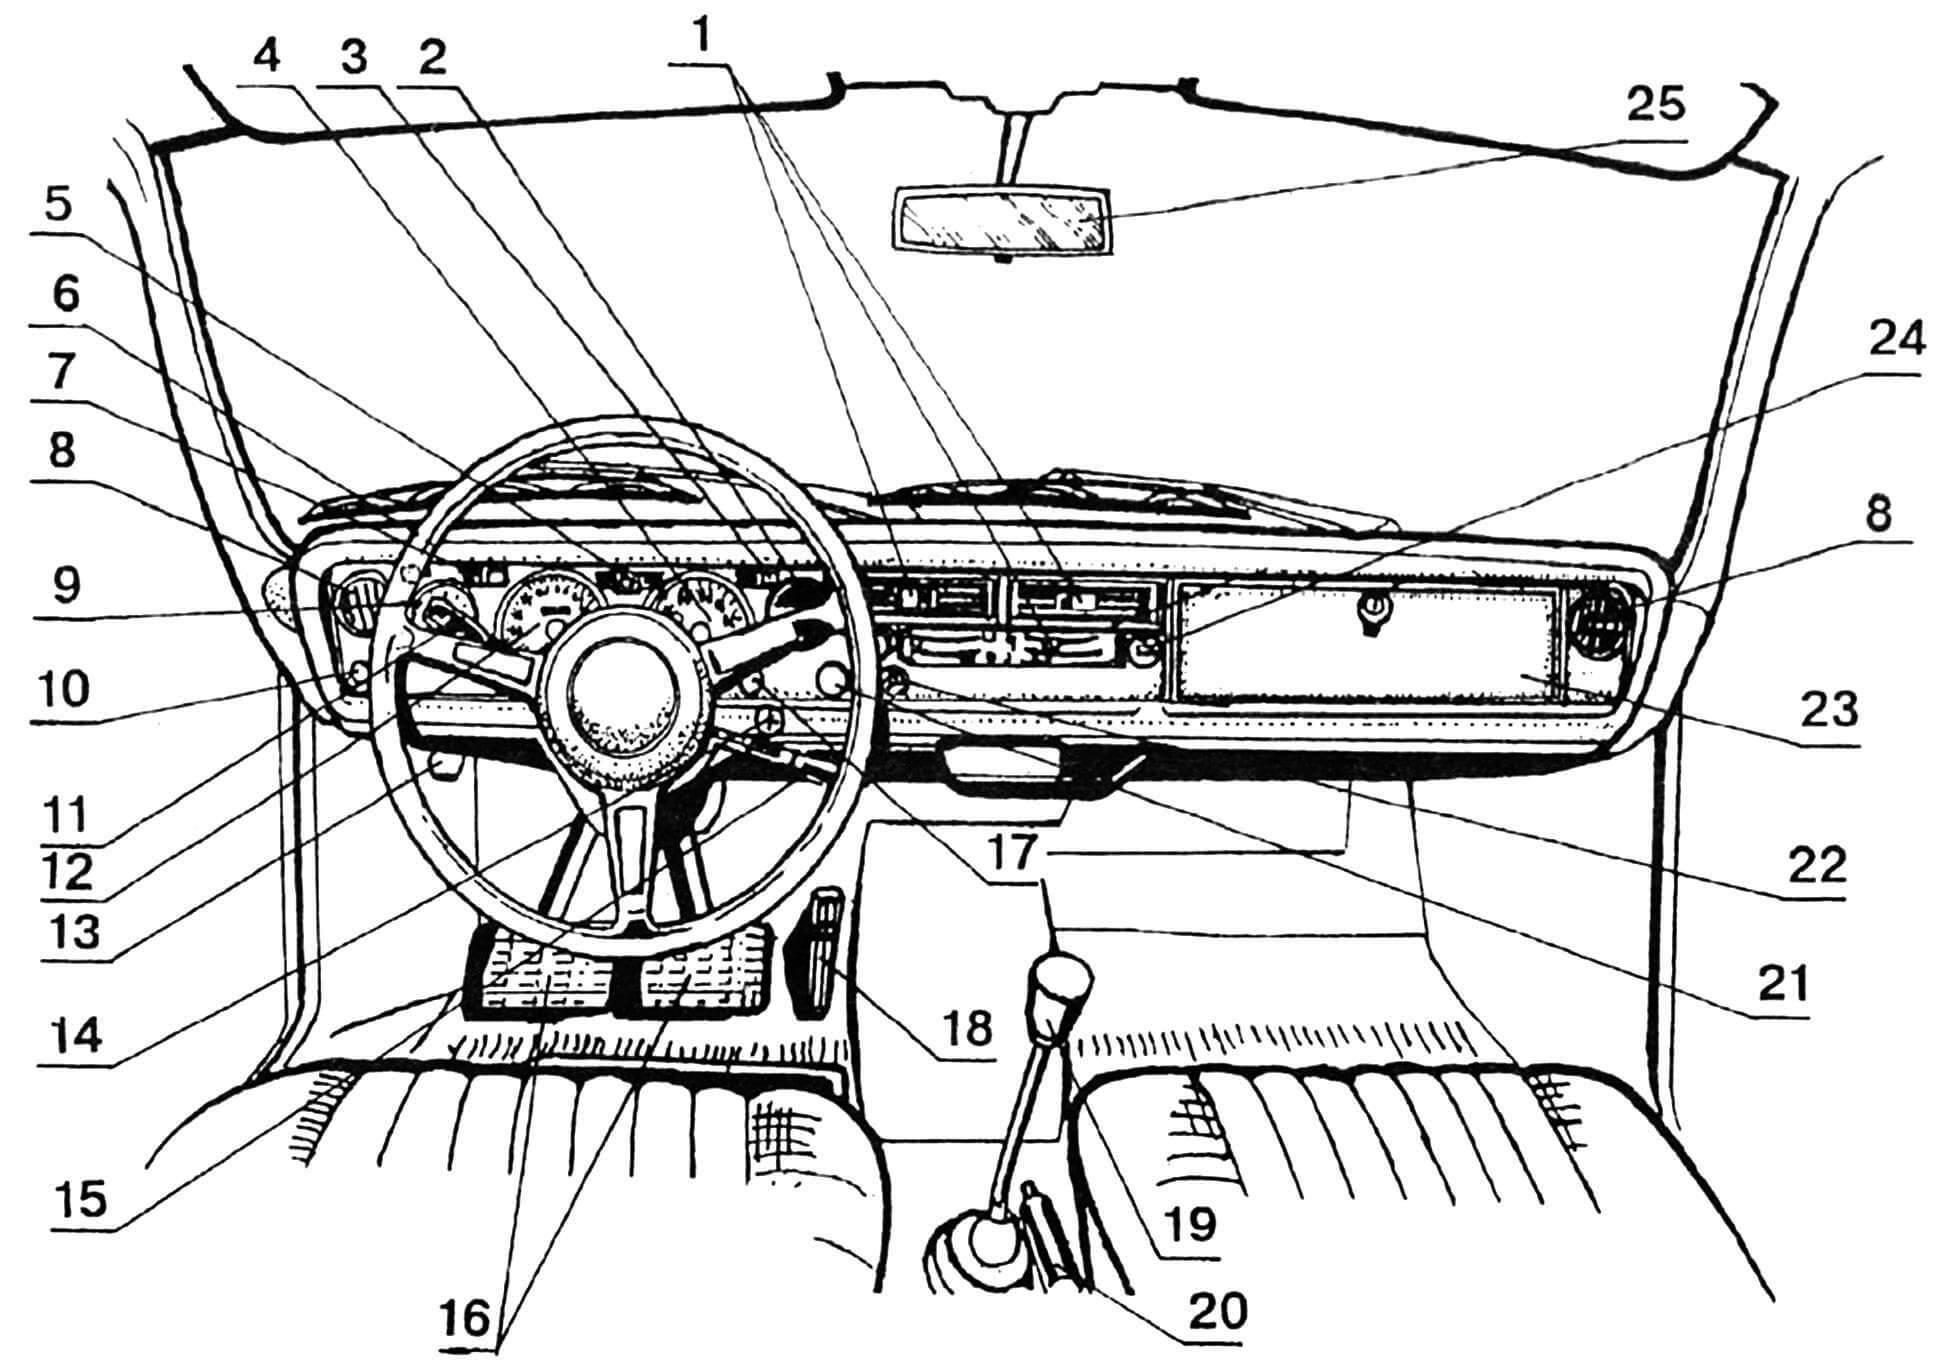 Органы управления и приборы контроля: 1 — движки регулятора температуры воздуха в кабине и его распределения; 2 — указатель уровня топлива; 3 — лампа сигнализации давления масла; 4 — тахометр; 5 — лампа контрольная; 6 — колесо рулевое; 7— лампа включенного обогрева кабины; 8 — сопла обдува боковые; 9 — указатель давления масла; 10 — лампа включенного стояночного тормоза; 11 — переключатель комбинированный; 12 — спидометр; 13 — предохранители; 14 — замок зажигания; 15 — рычаг управления дворниками; 16 — педали сцепления и тормоза; 17 — кнопка включения аварийного стоп-сигнала; 18 — педаль «газа»; 19 — рычаг переключения передач; 20 — рычаг ручного тормоза; 21 — кнопка включения отопителя заднего стекла; 22 — прикуриватель; 23 — ящик перчаточный; 24 — кнопка включения вентилятора; 25 — зеркало заднего вида.